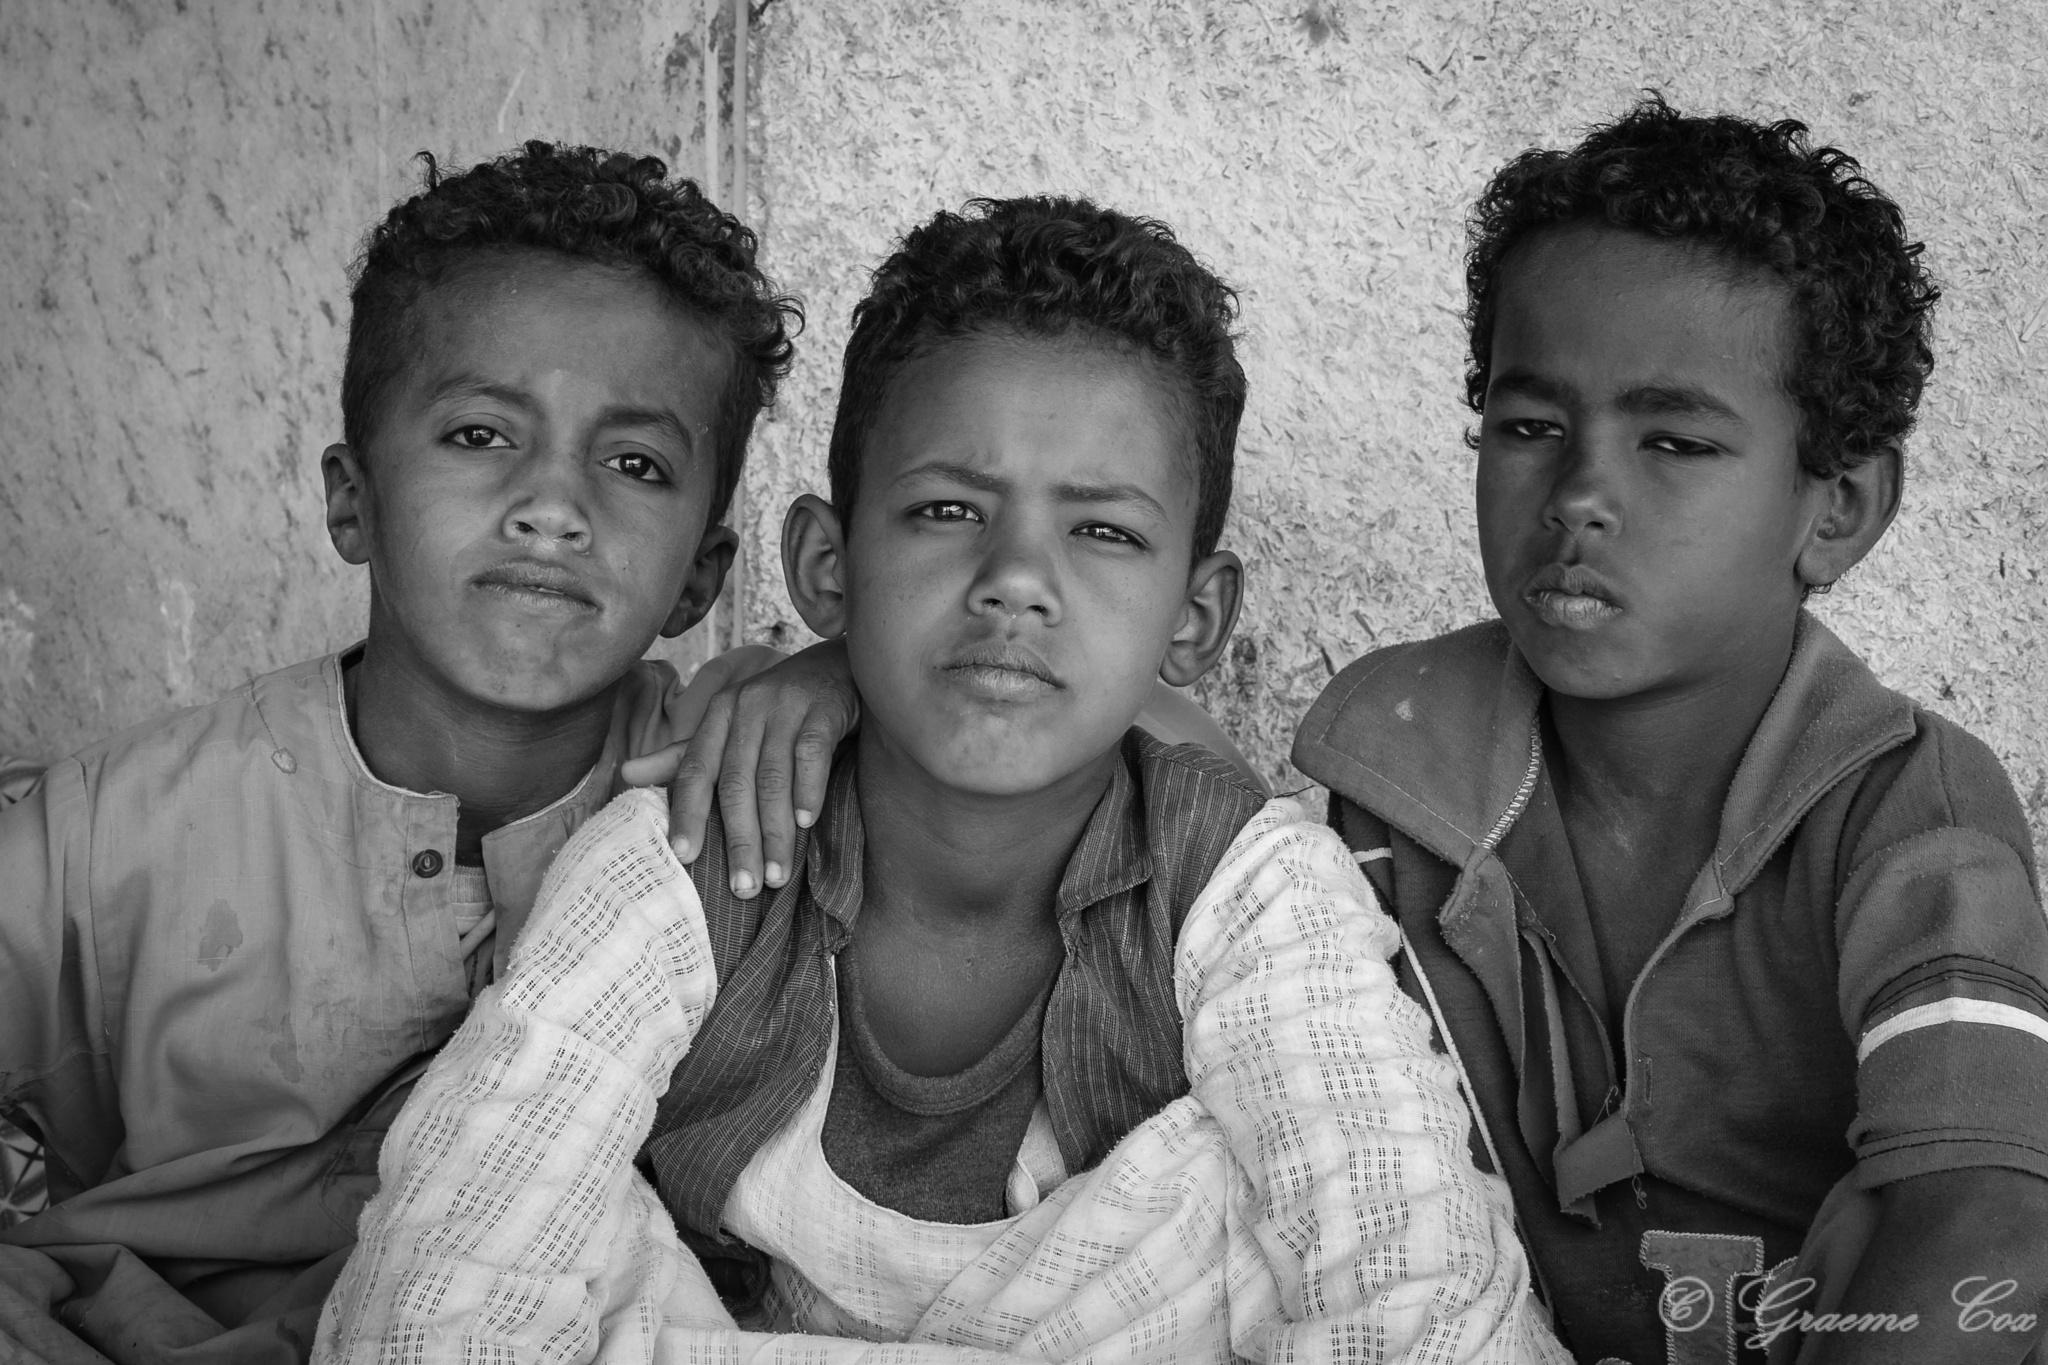 Bedouin Children  by Graeme Cox